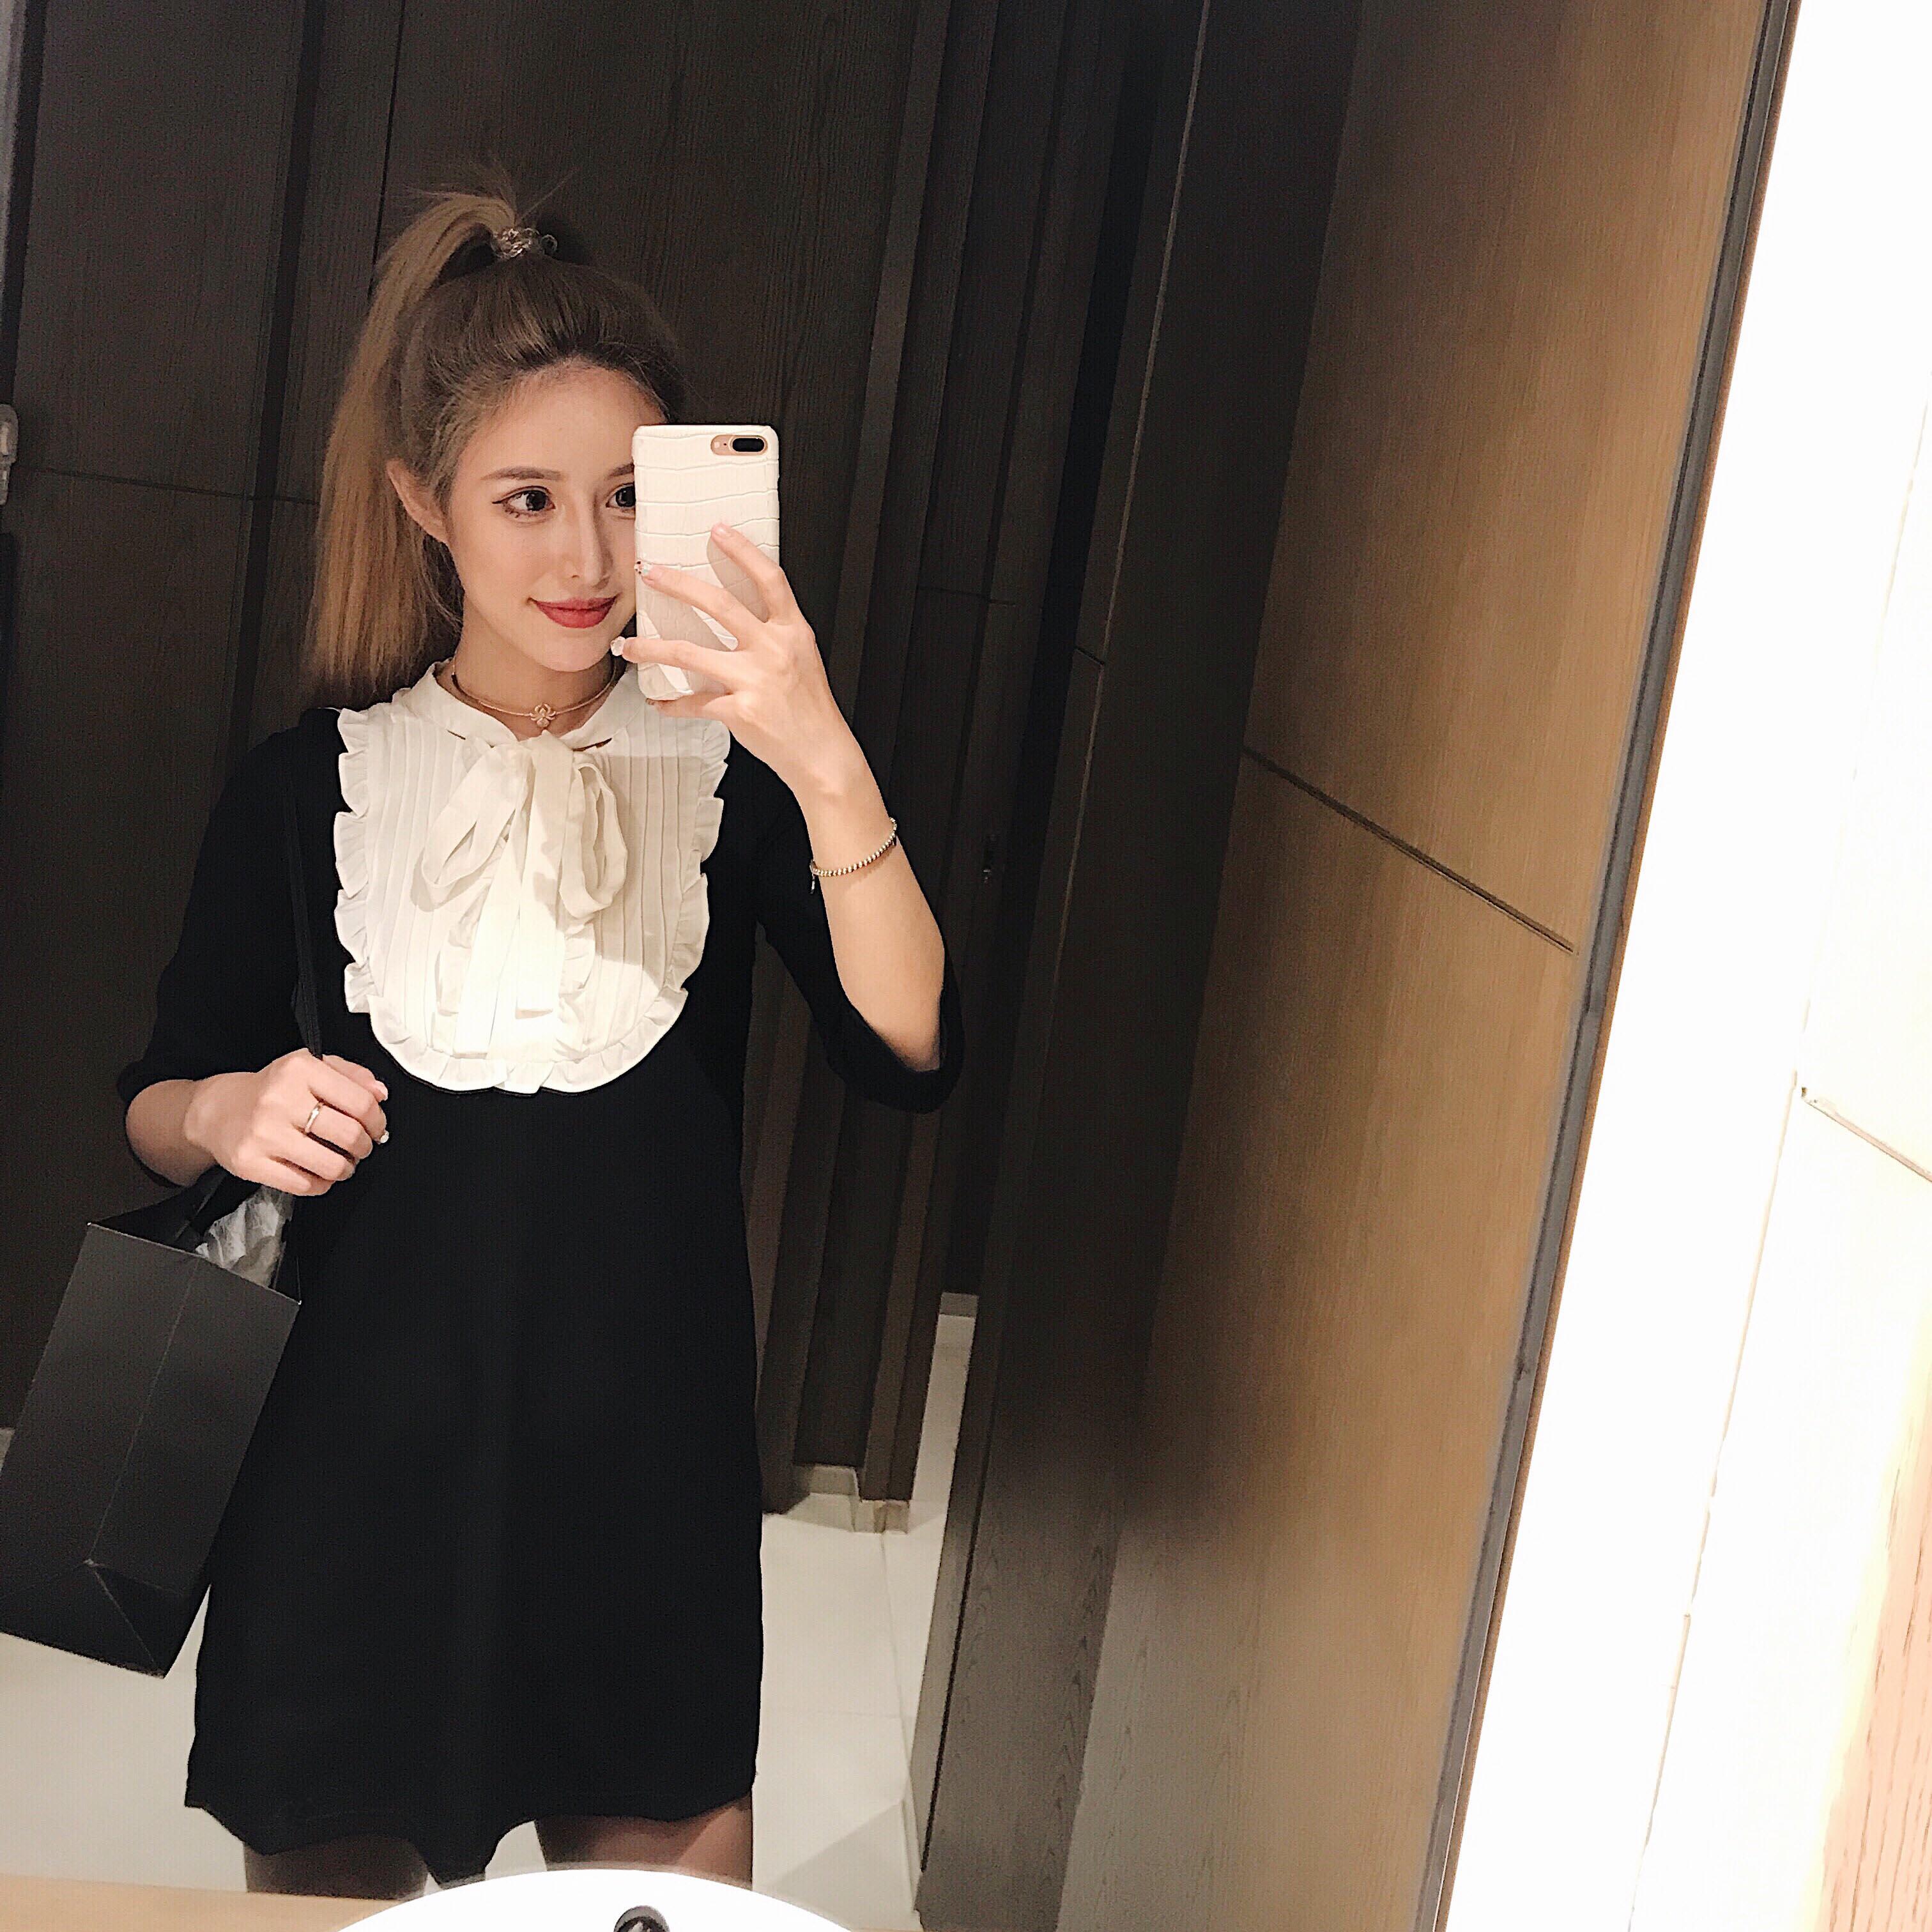 季庭竹 复古赫本风 黑色宫廷中袖花边蝴蝶结质感显瘦短裙连衣裙